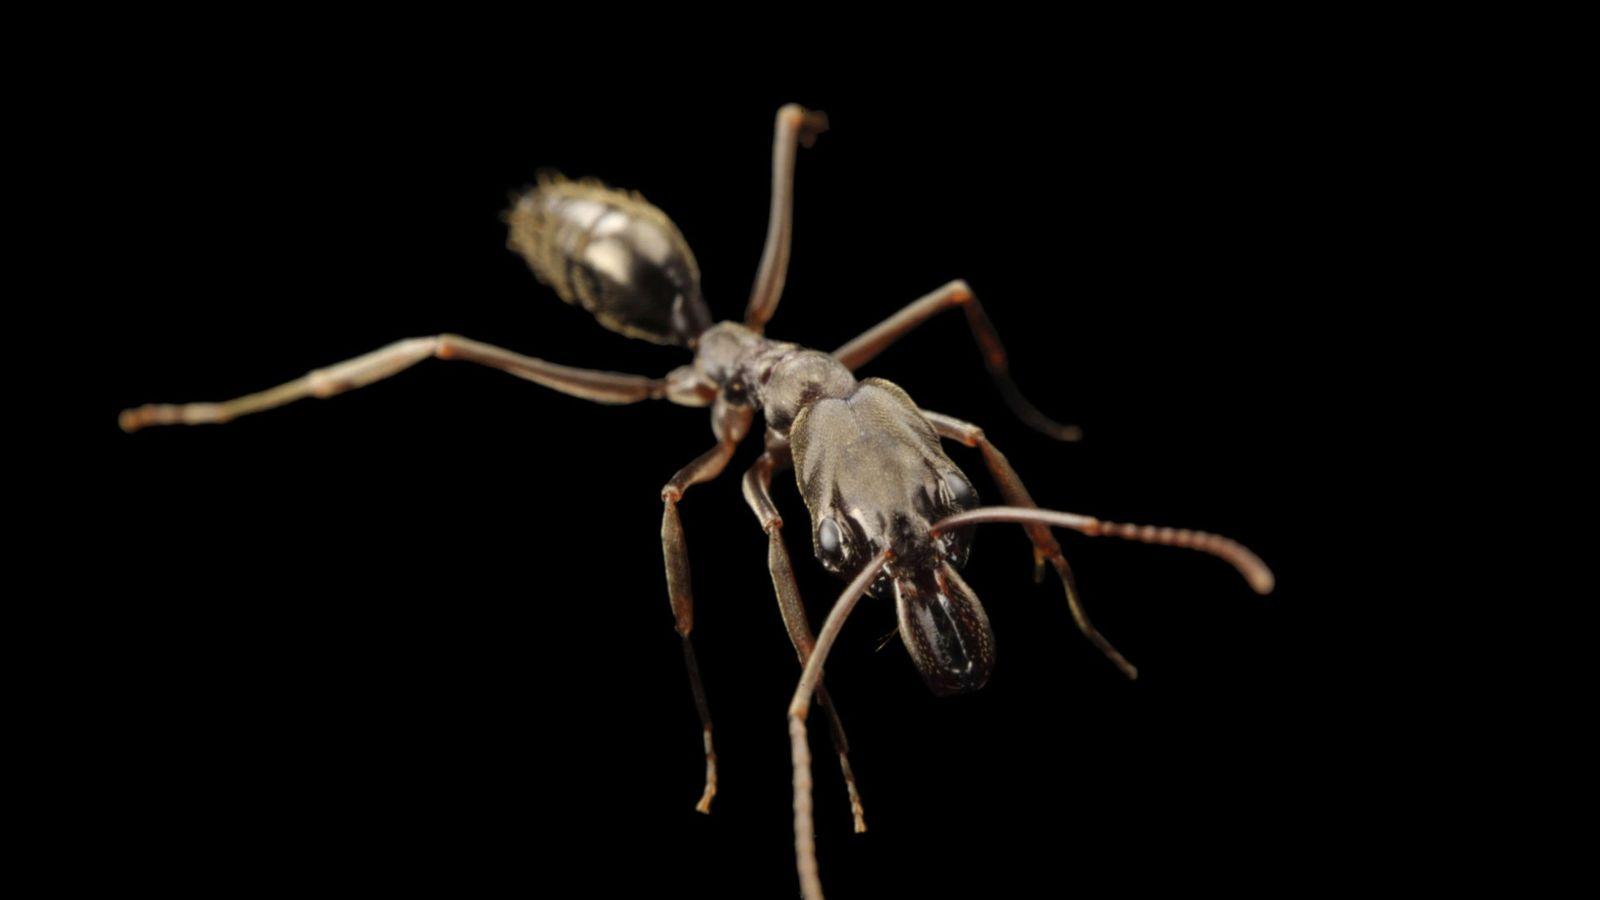 Cette fourmi du genre Odontomachus, photographiée avec les mandibules fermées, chasse sa proie en les maintenant ...